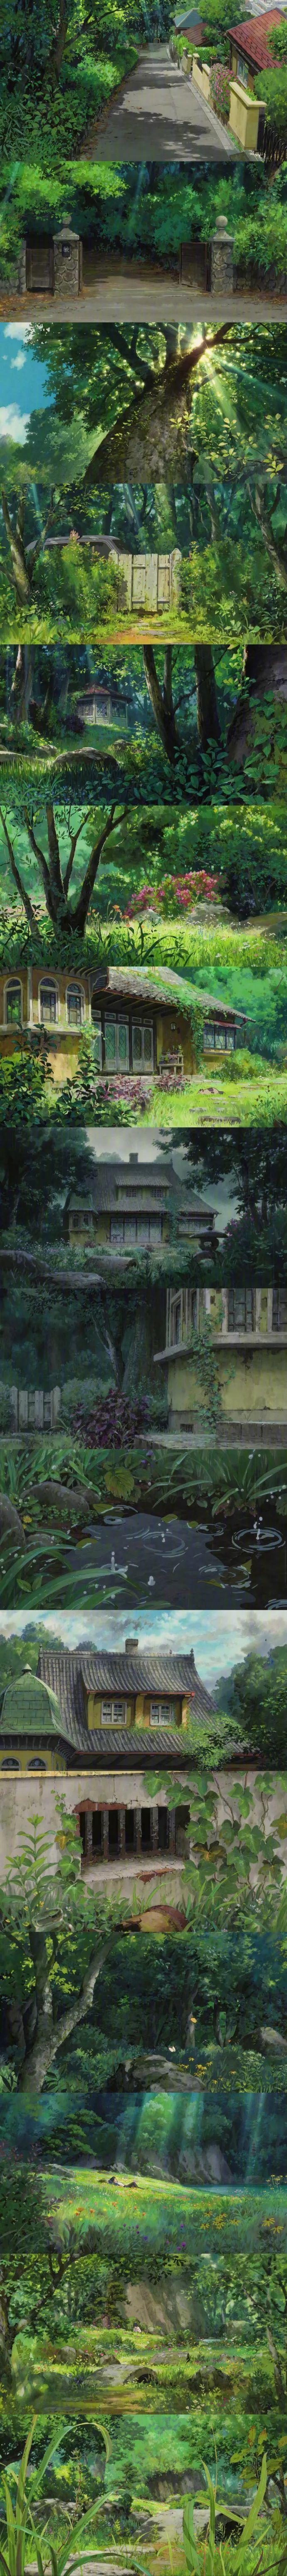 那些年宫崎骏带给我们的美好!动画壁纸特辑_图片 No.7